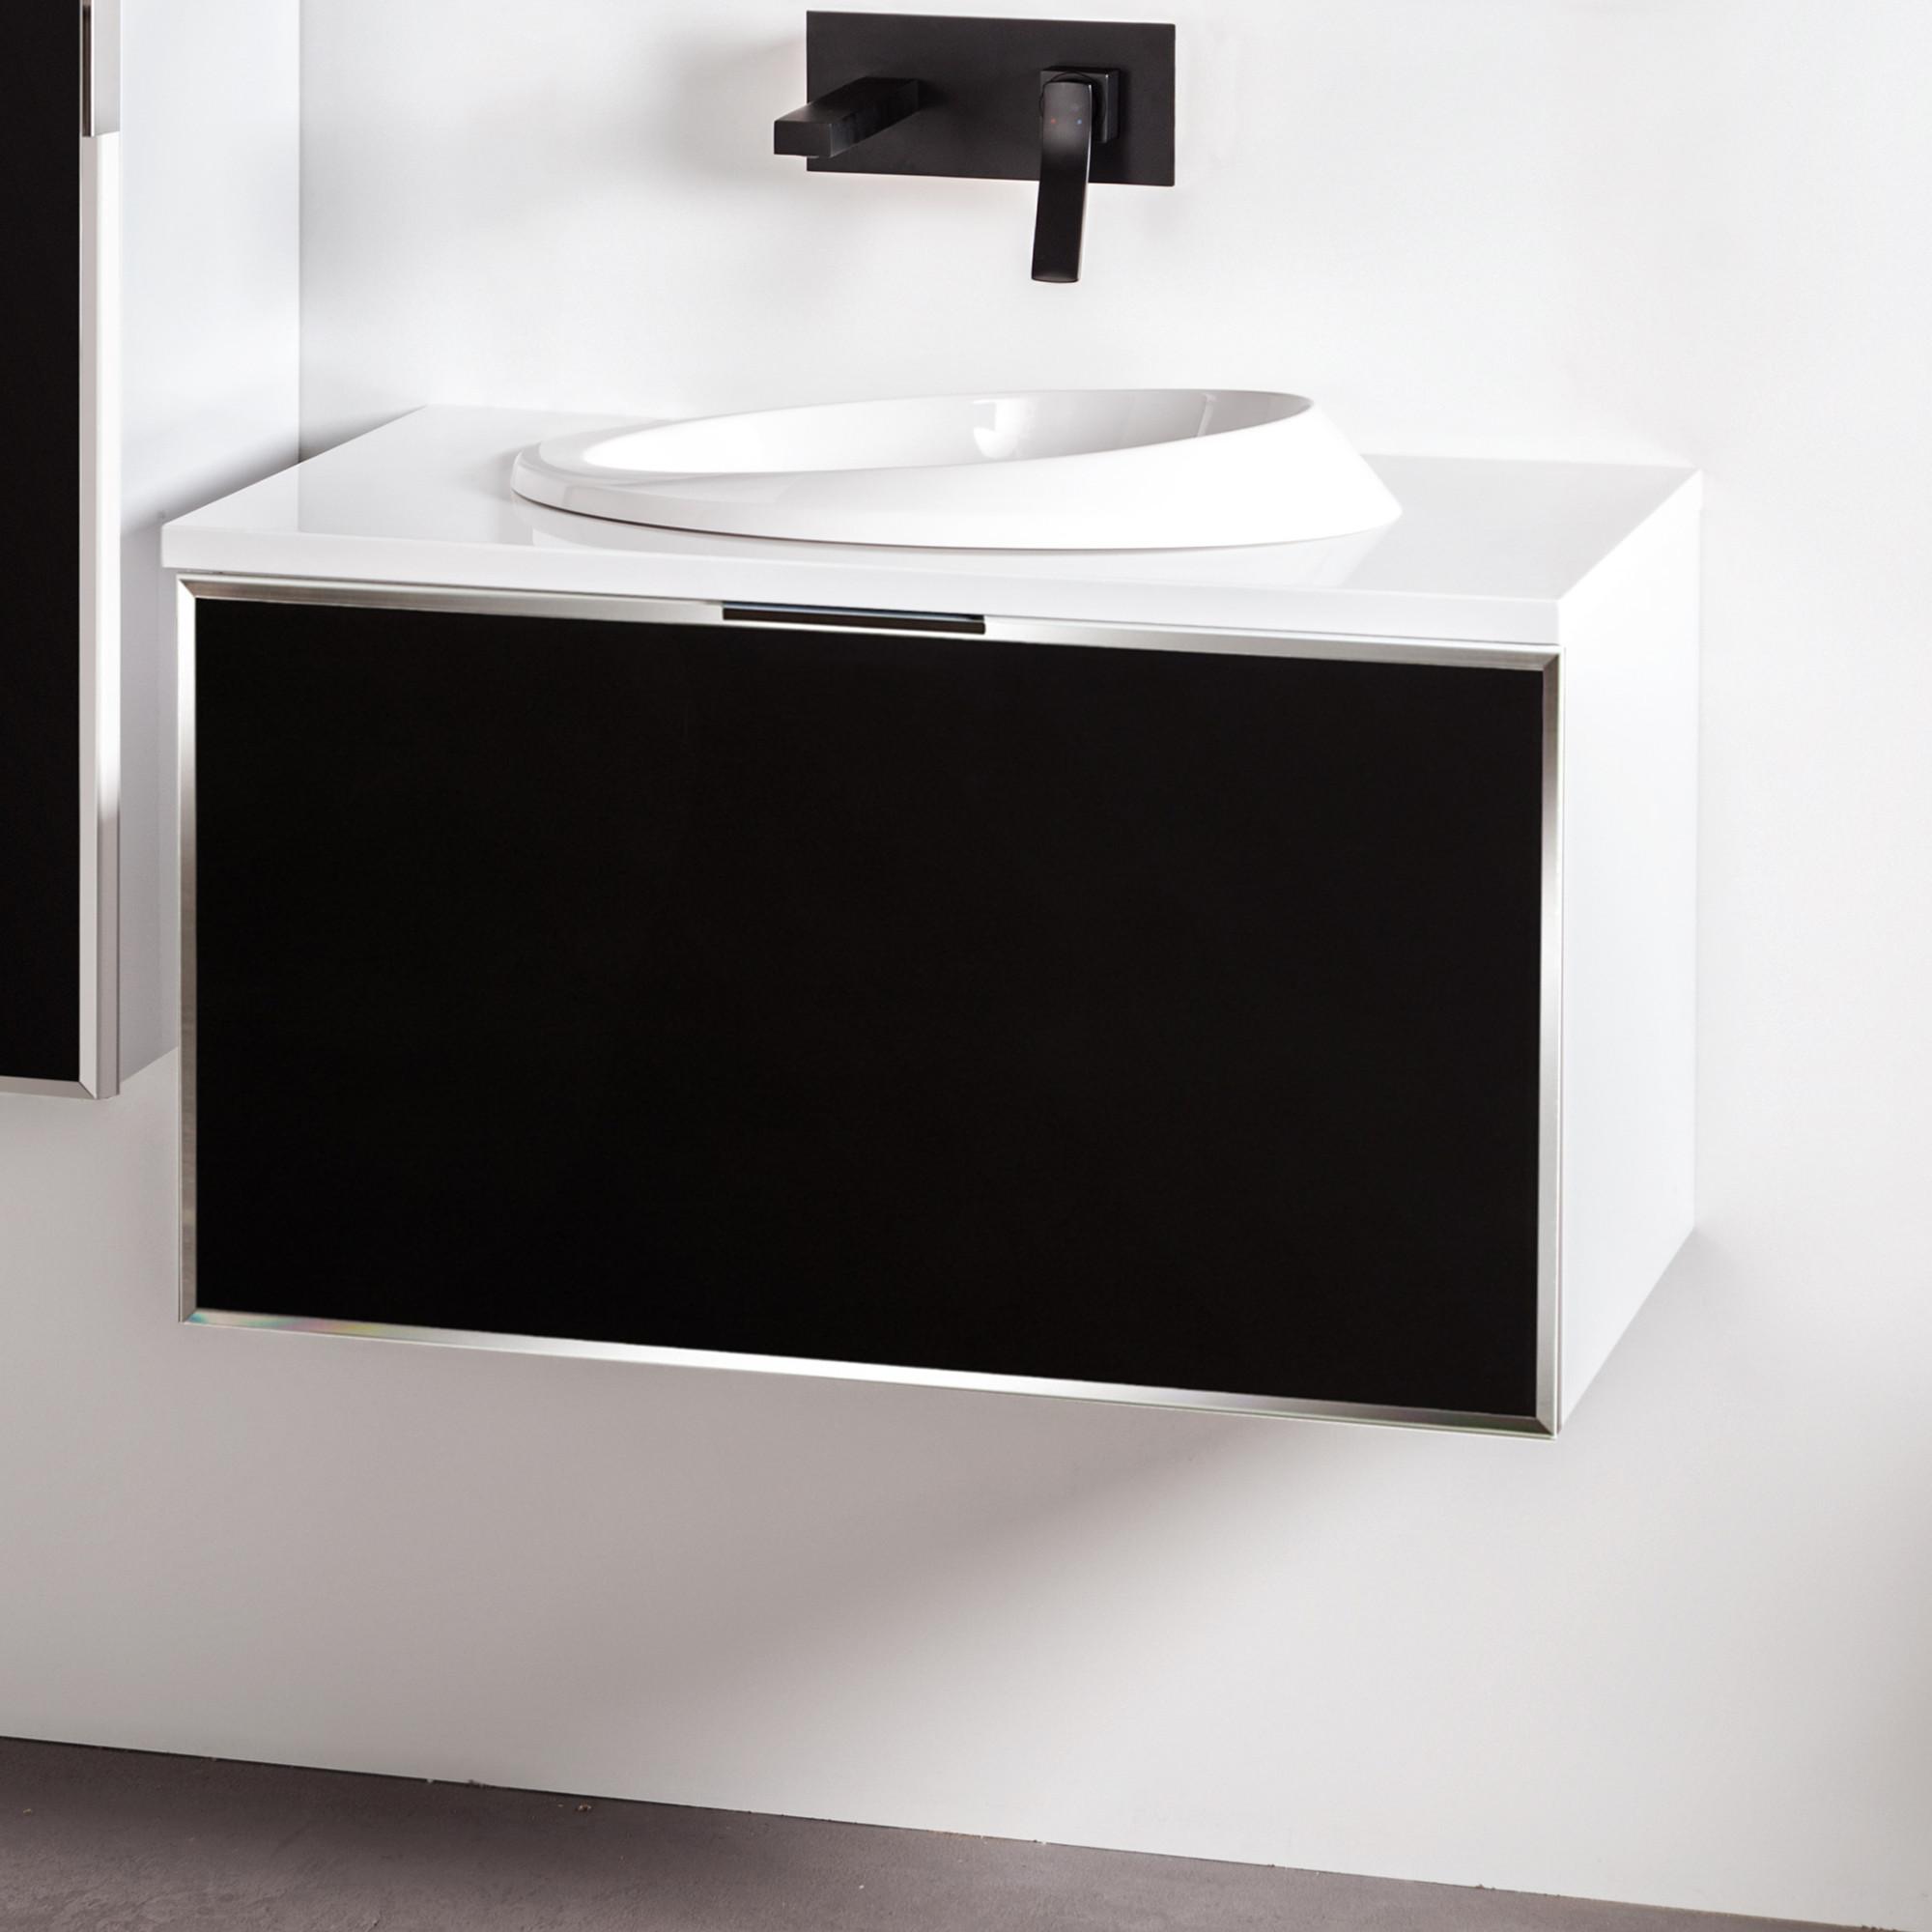 Szafka łazienkowa Sanitti Delta kolor frontu czarny 80 cm z blatem i umywalką OTTO